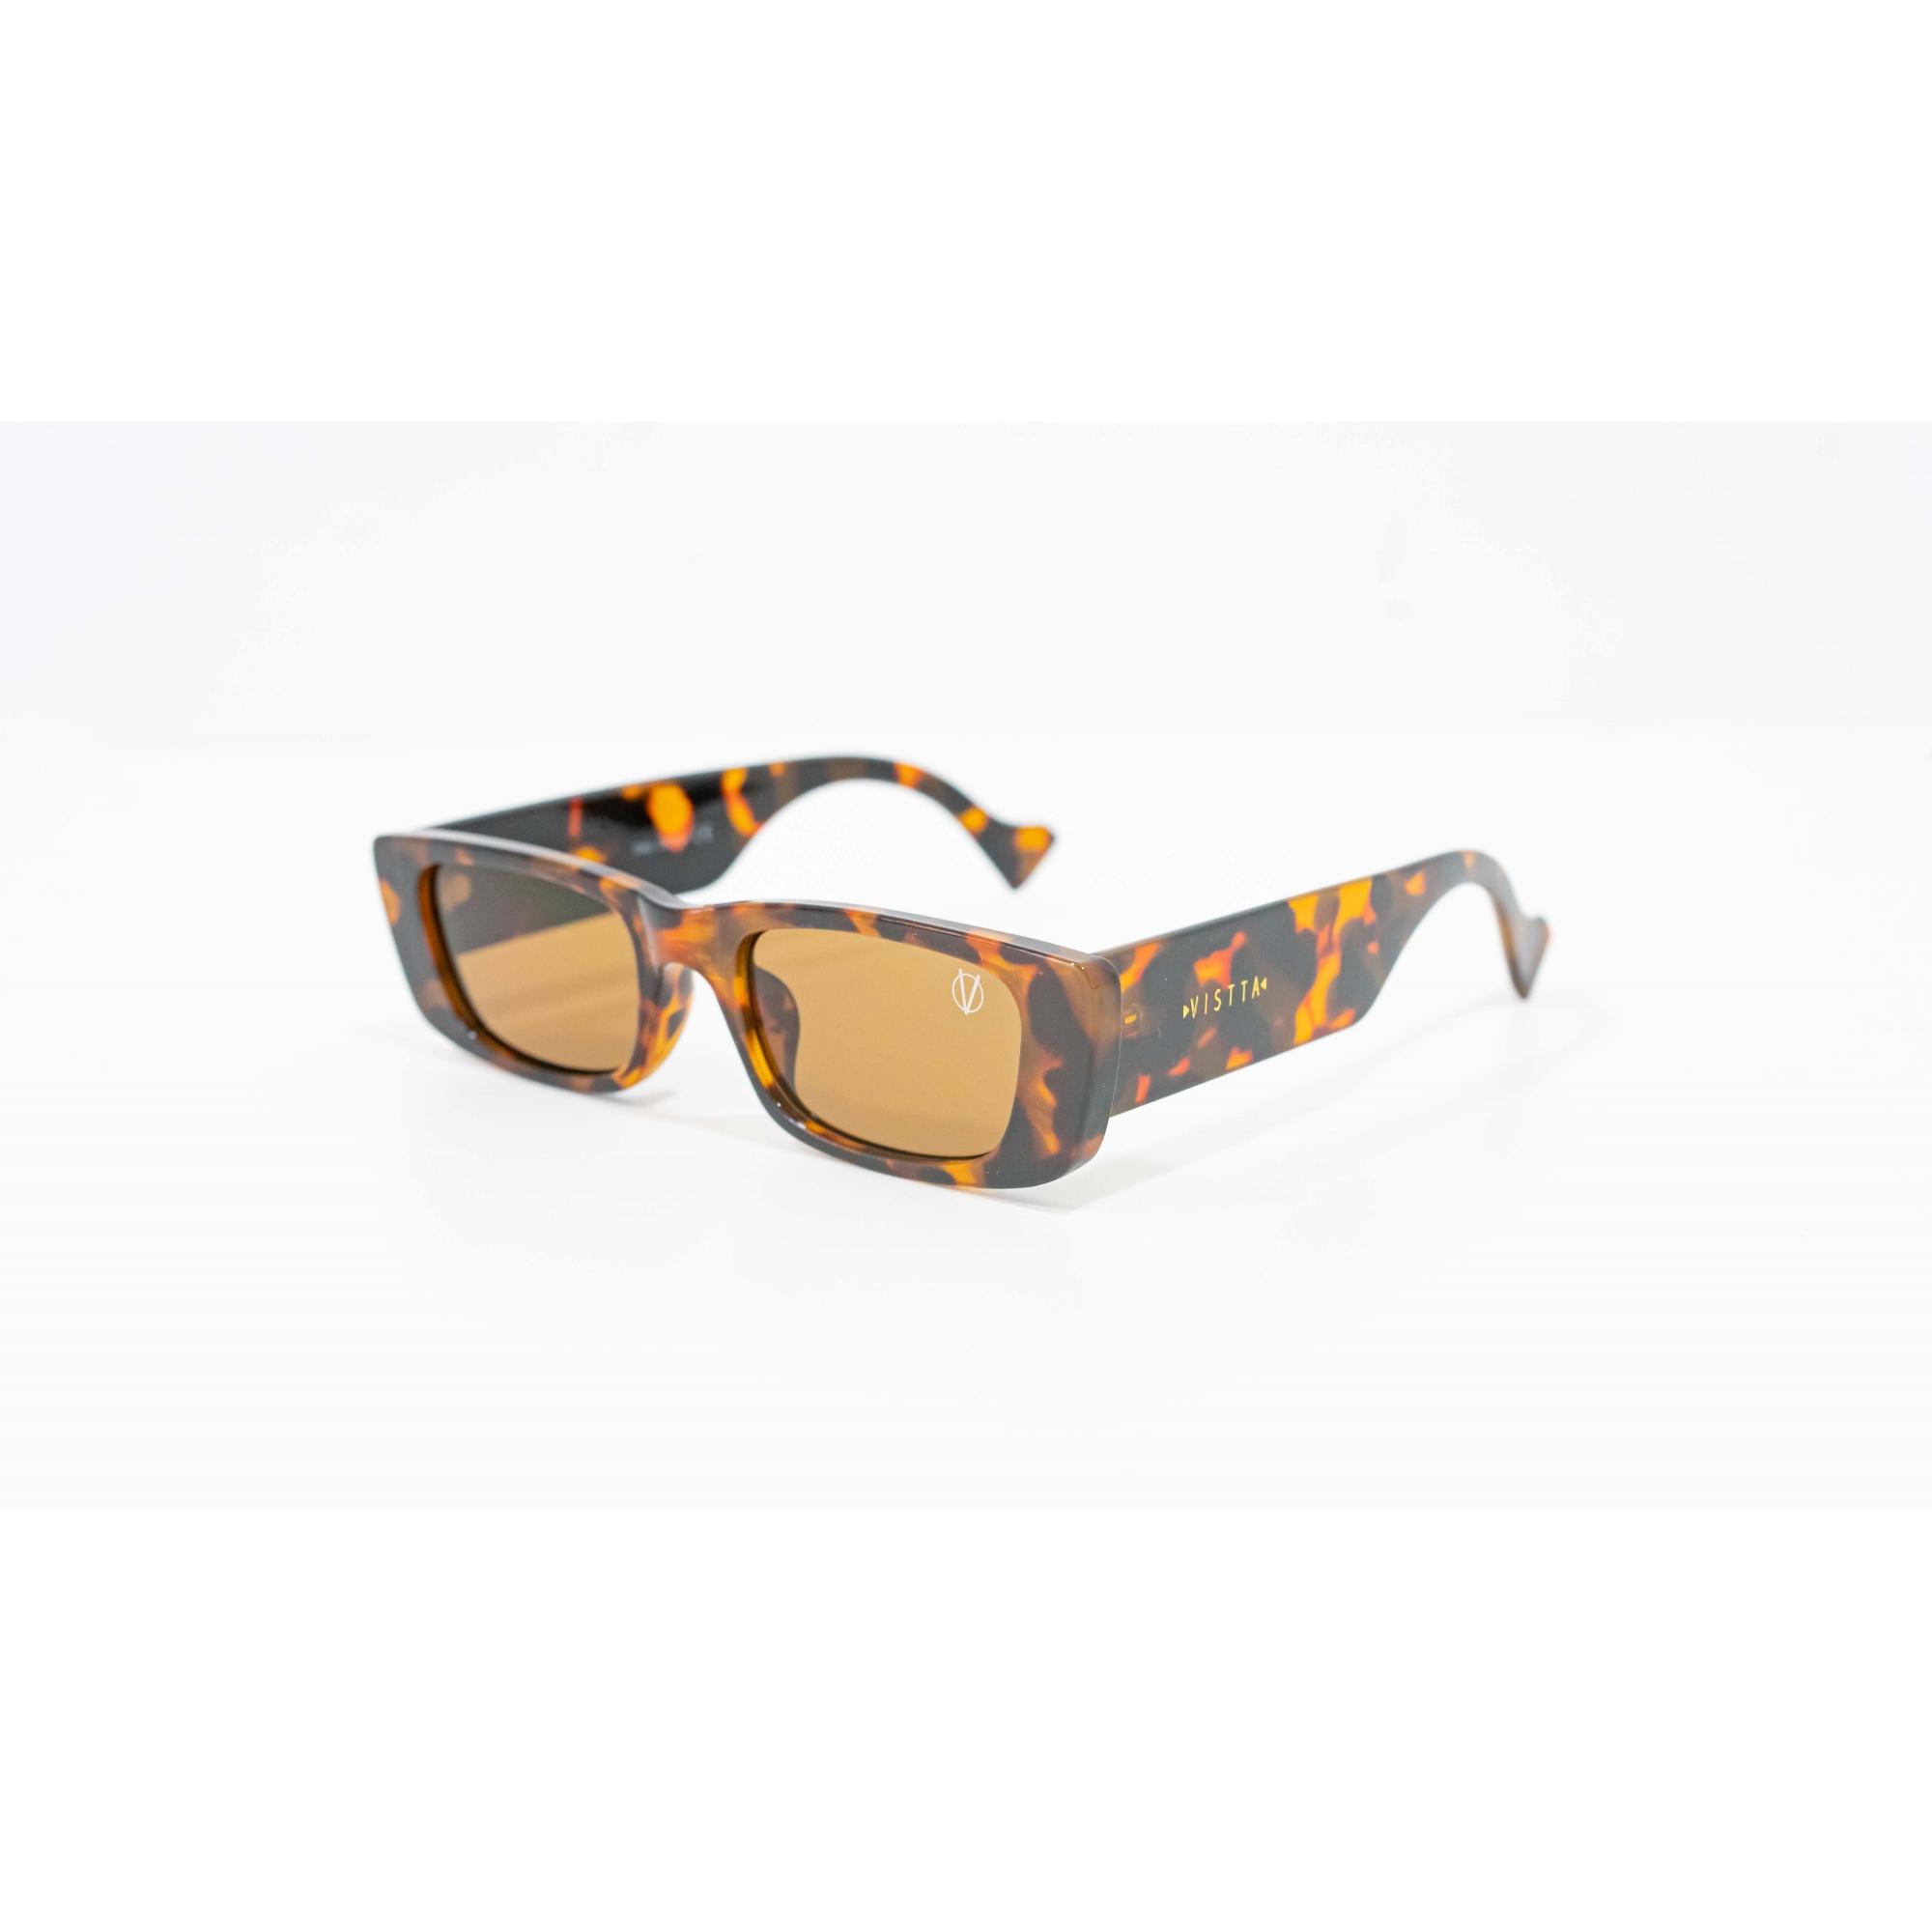 Óculos Vistta Aping Retangular LQ9002 C3 52 Tartaruga